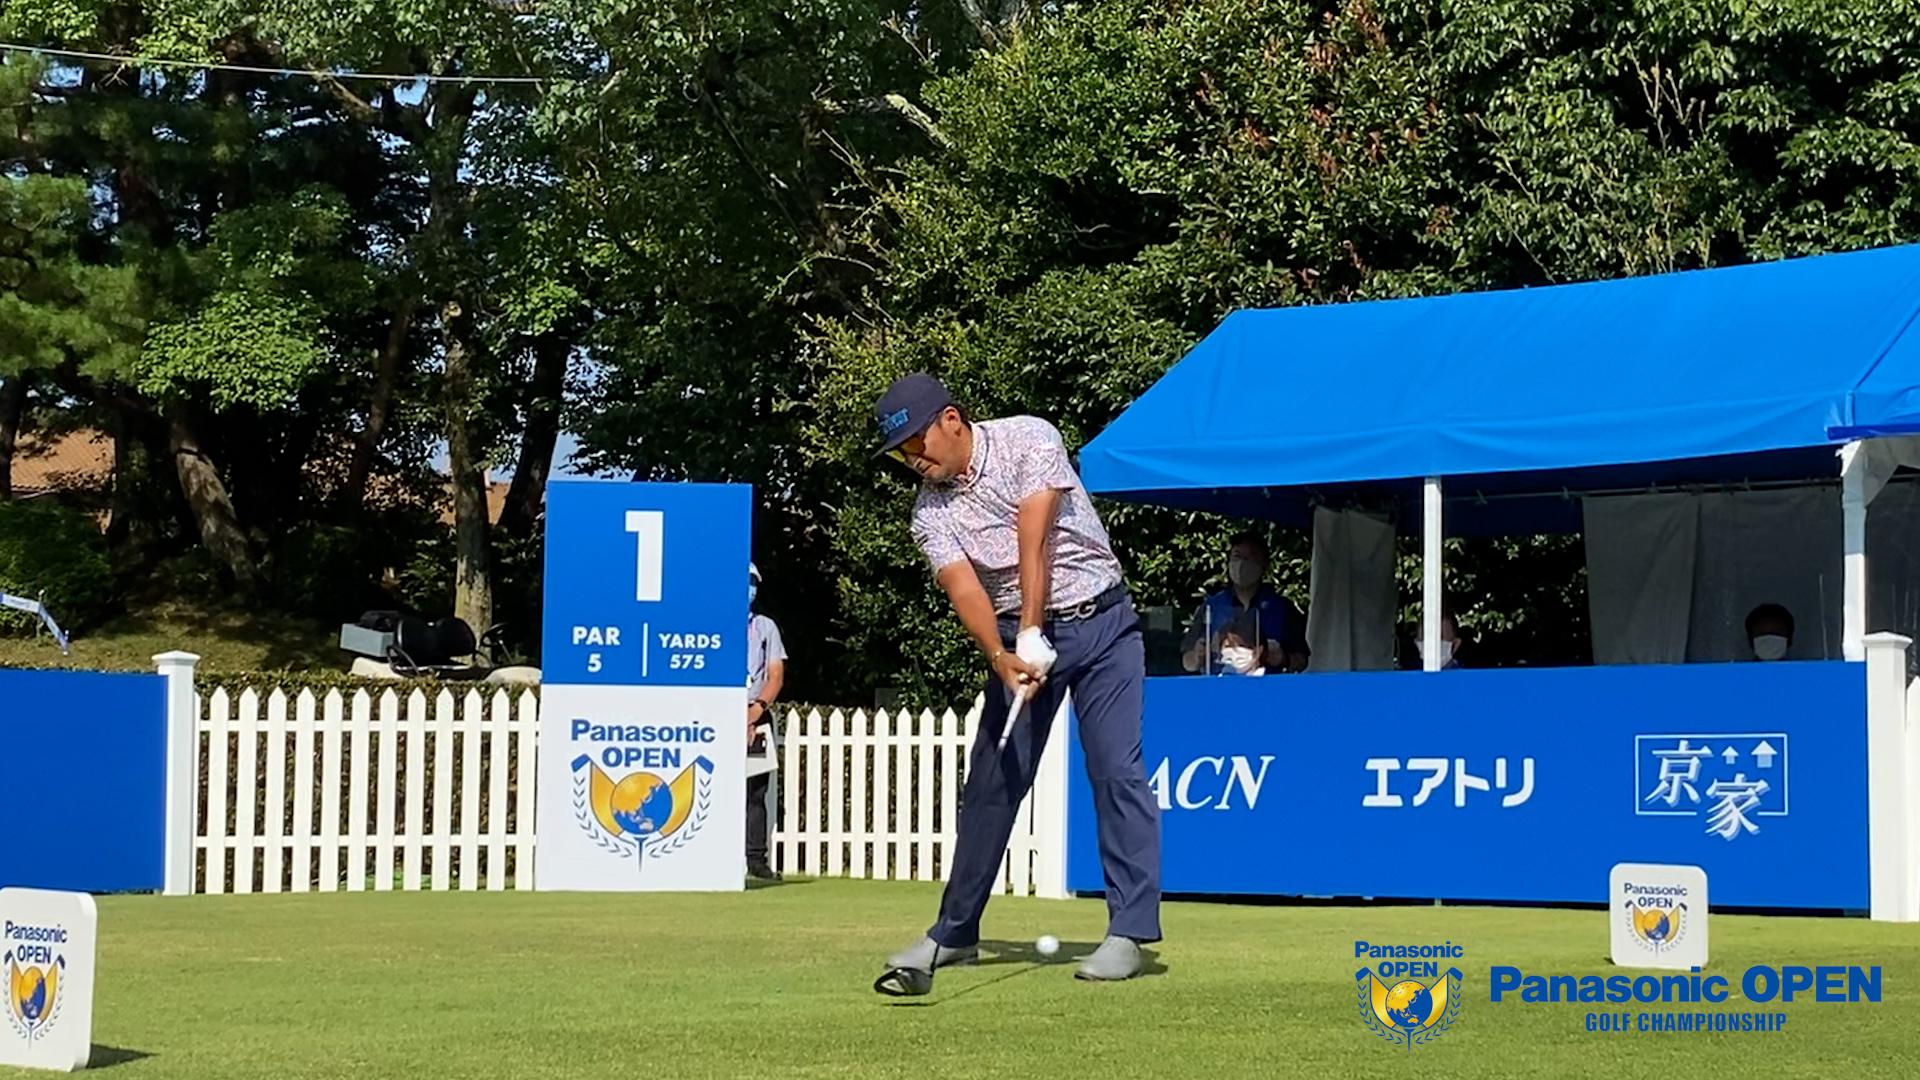 【男子ゴルフ】@河本力、正岡竜二、古川雄大のスタートホールティショット!パナソニックオープン ゴルフチャンピオンシップ 3rd Round